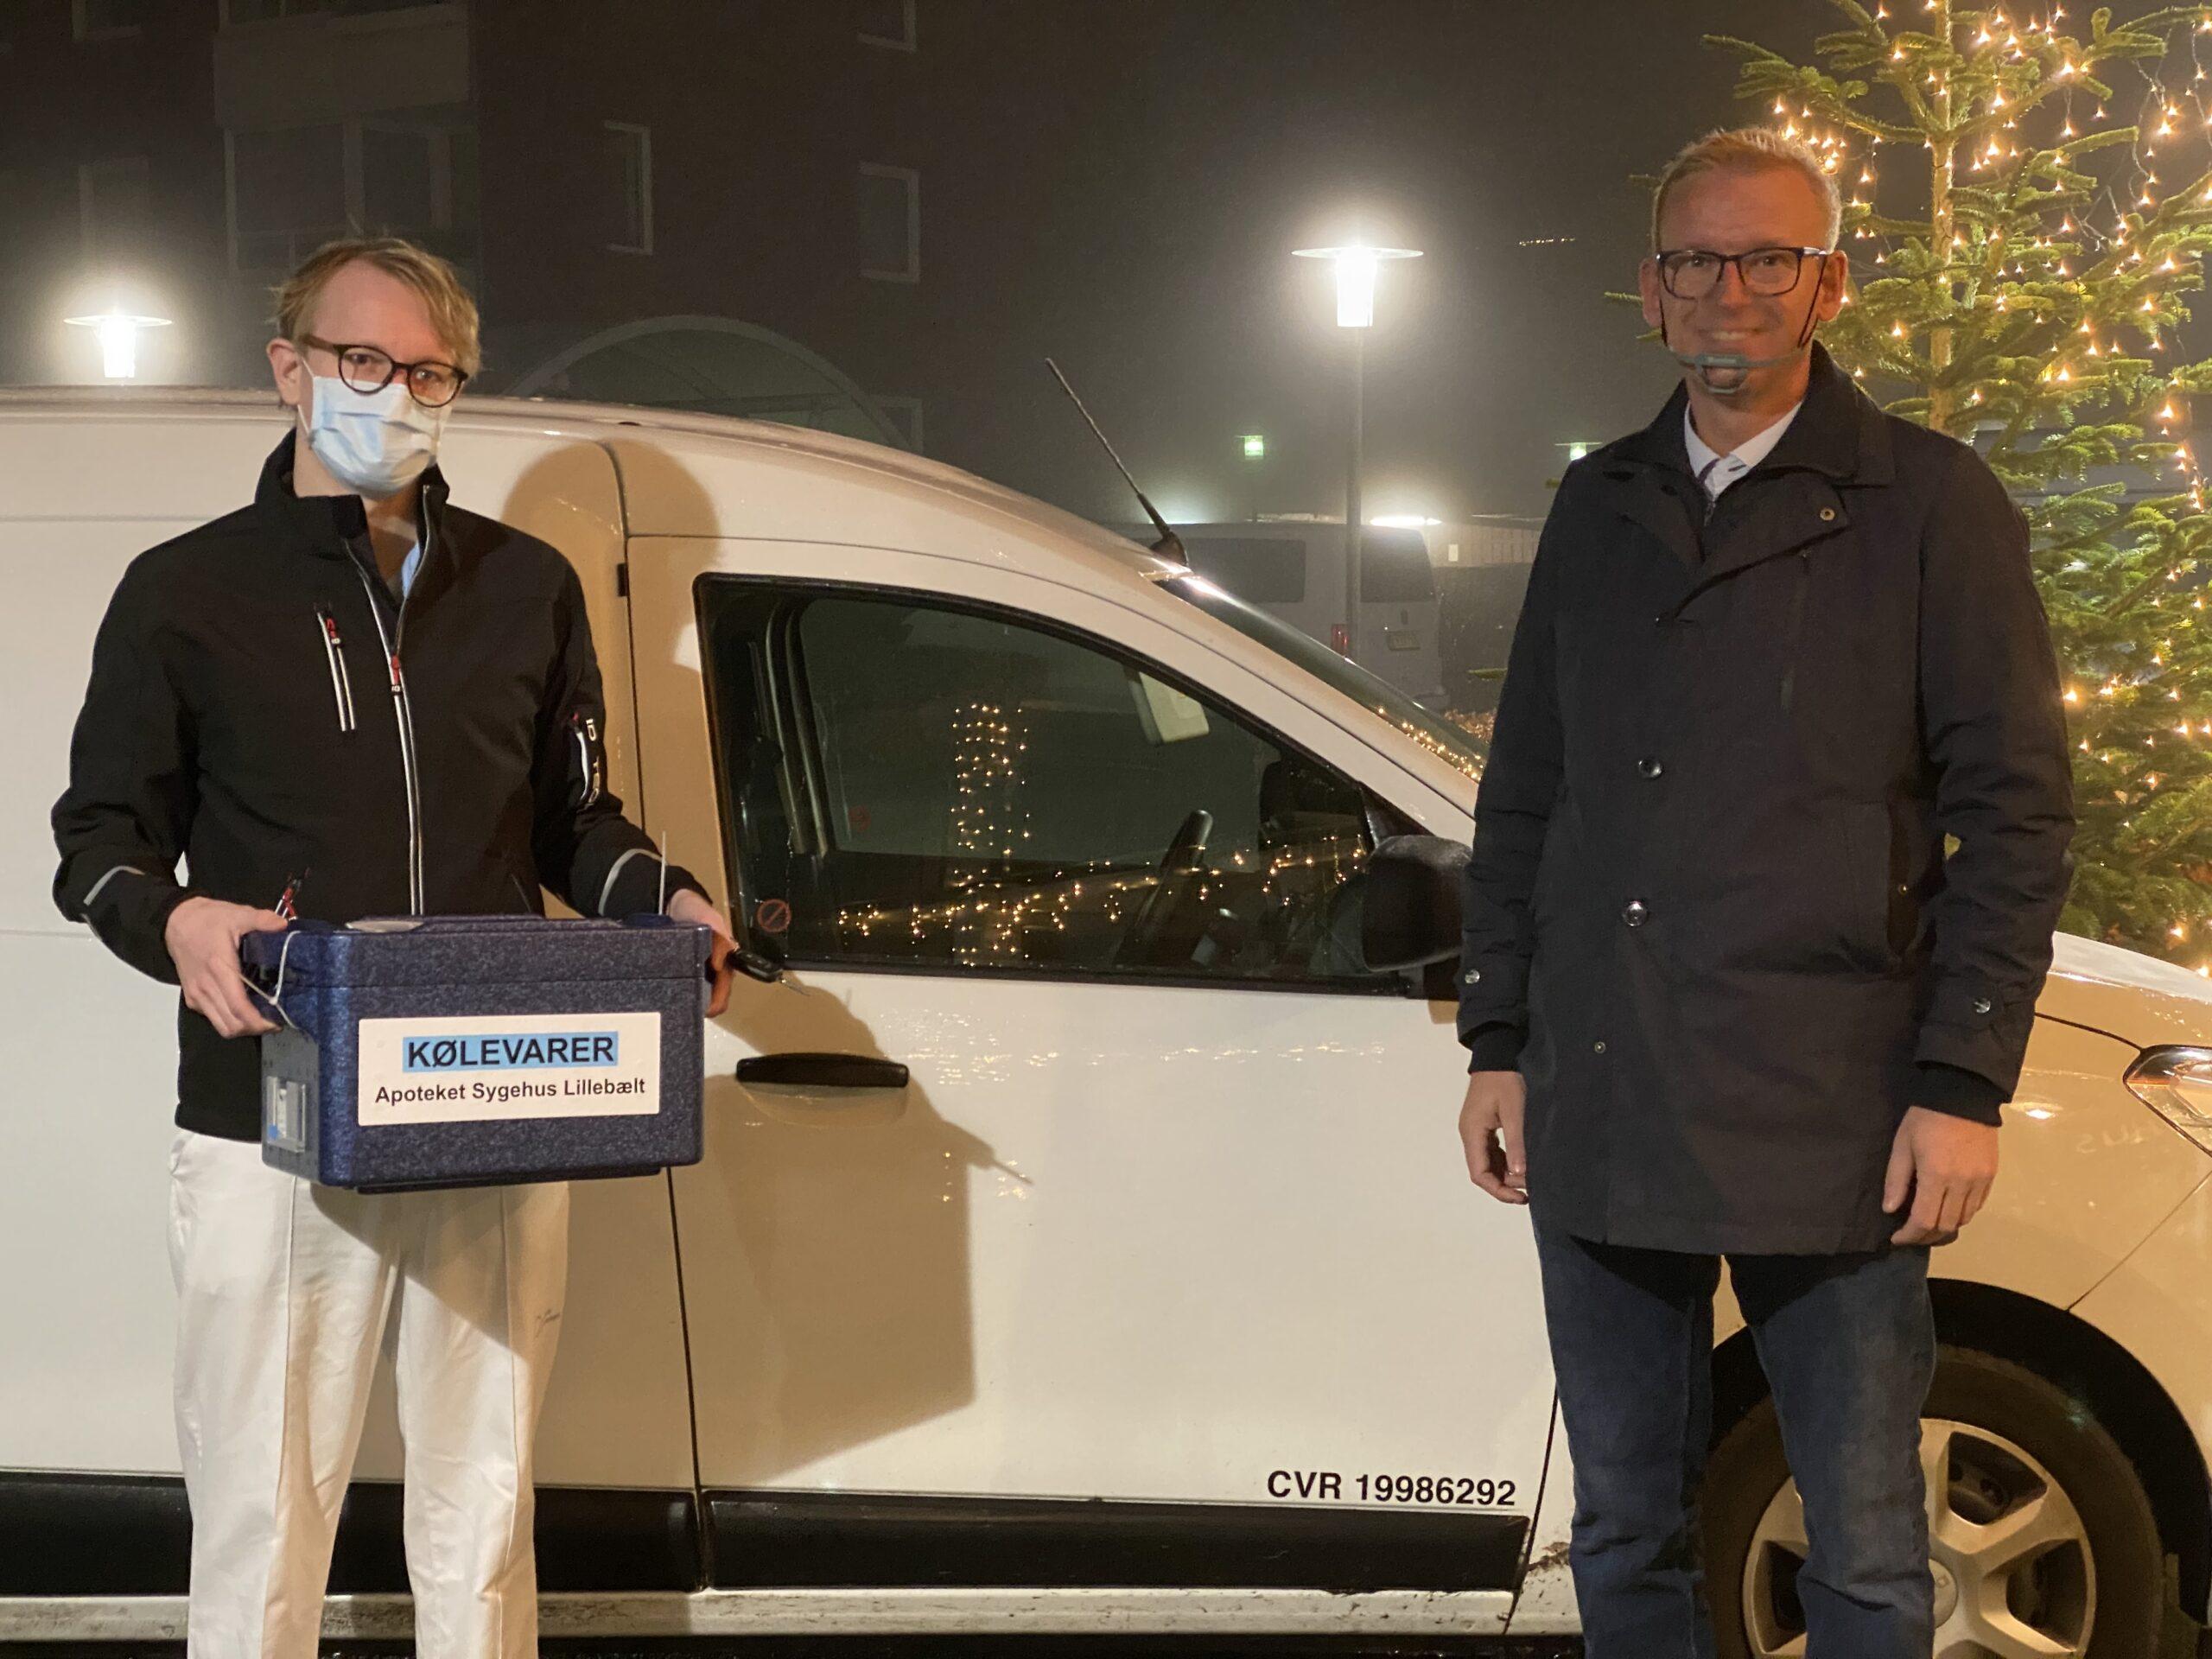 SE TV-INDSLAG: Vaccine ankommet til Fredericia – De første 130 beboere og ansatte vaccineres i dag